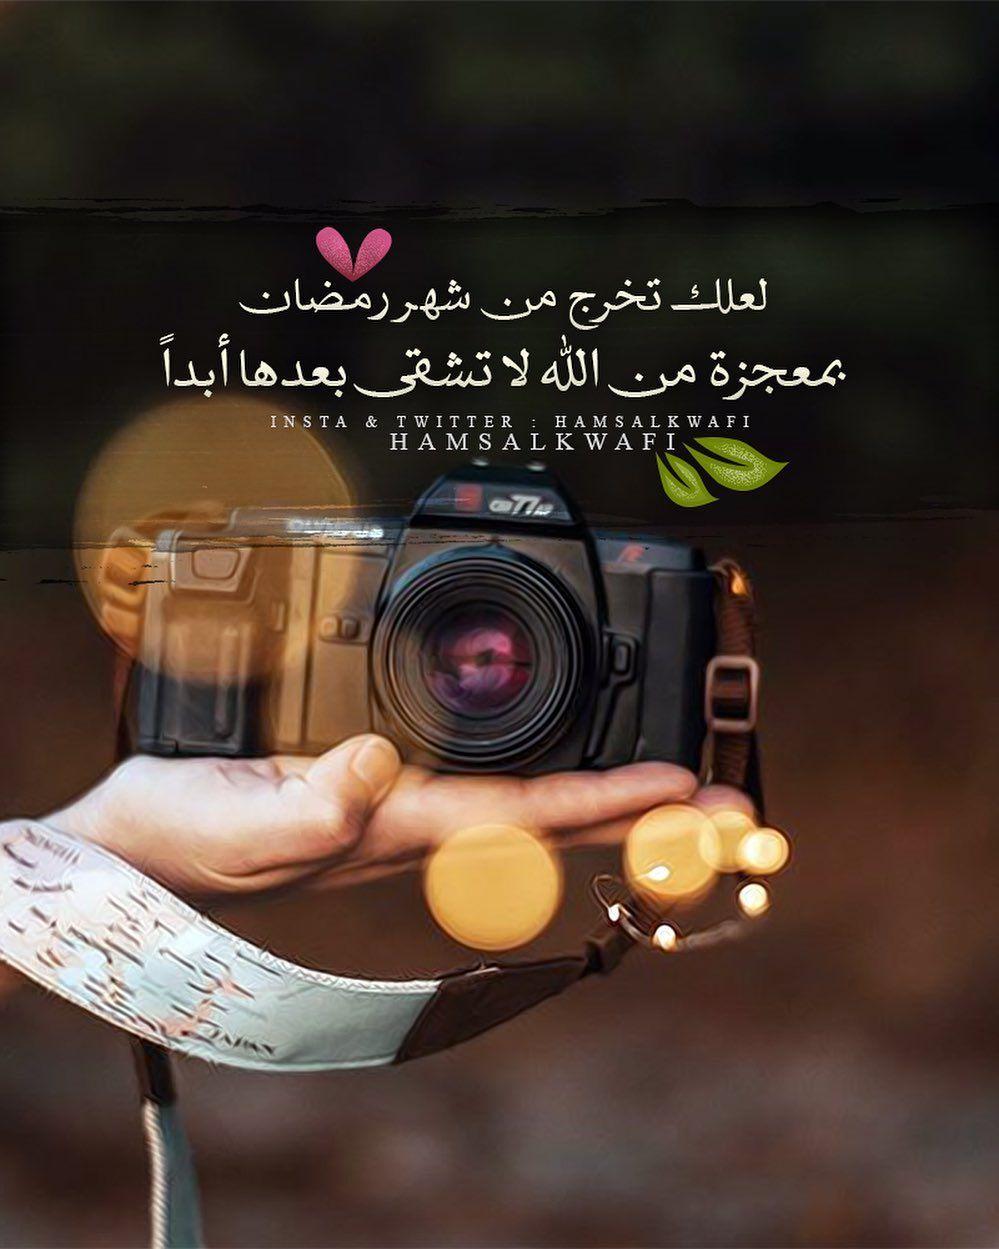 14 رمضان اللهم اكتب لي تغييرا للأفضل في نفسي و حالي و حقق لي ما أتمني ولا تجعلني وجعا ولا عبئا لأحد اللهم Ramadan Crafts Ramadan Kareem Ramadan